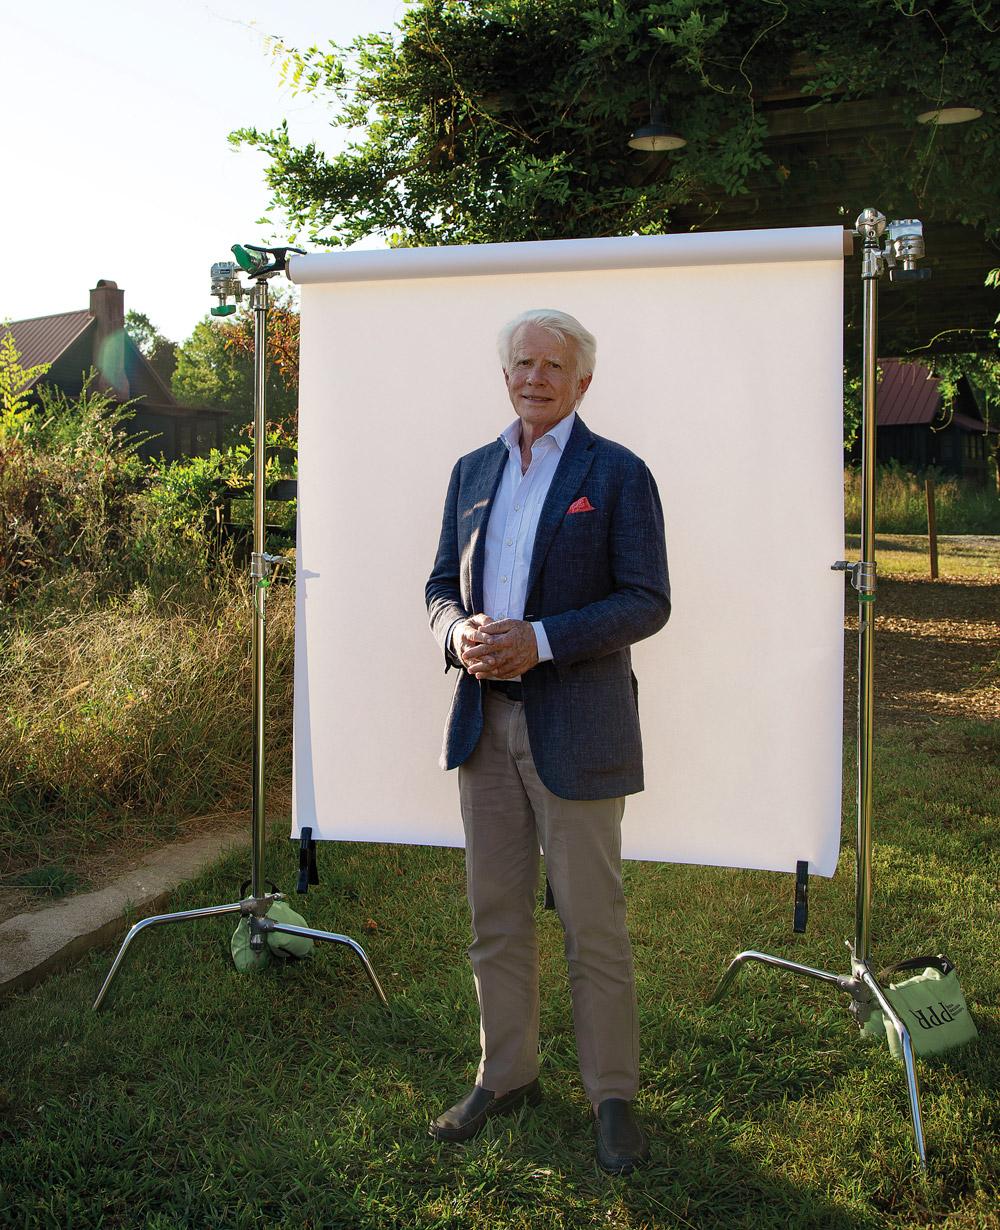 Steve Nygren of Serenbe